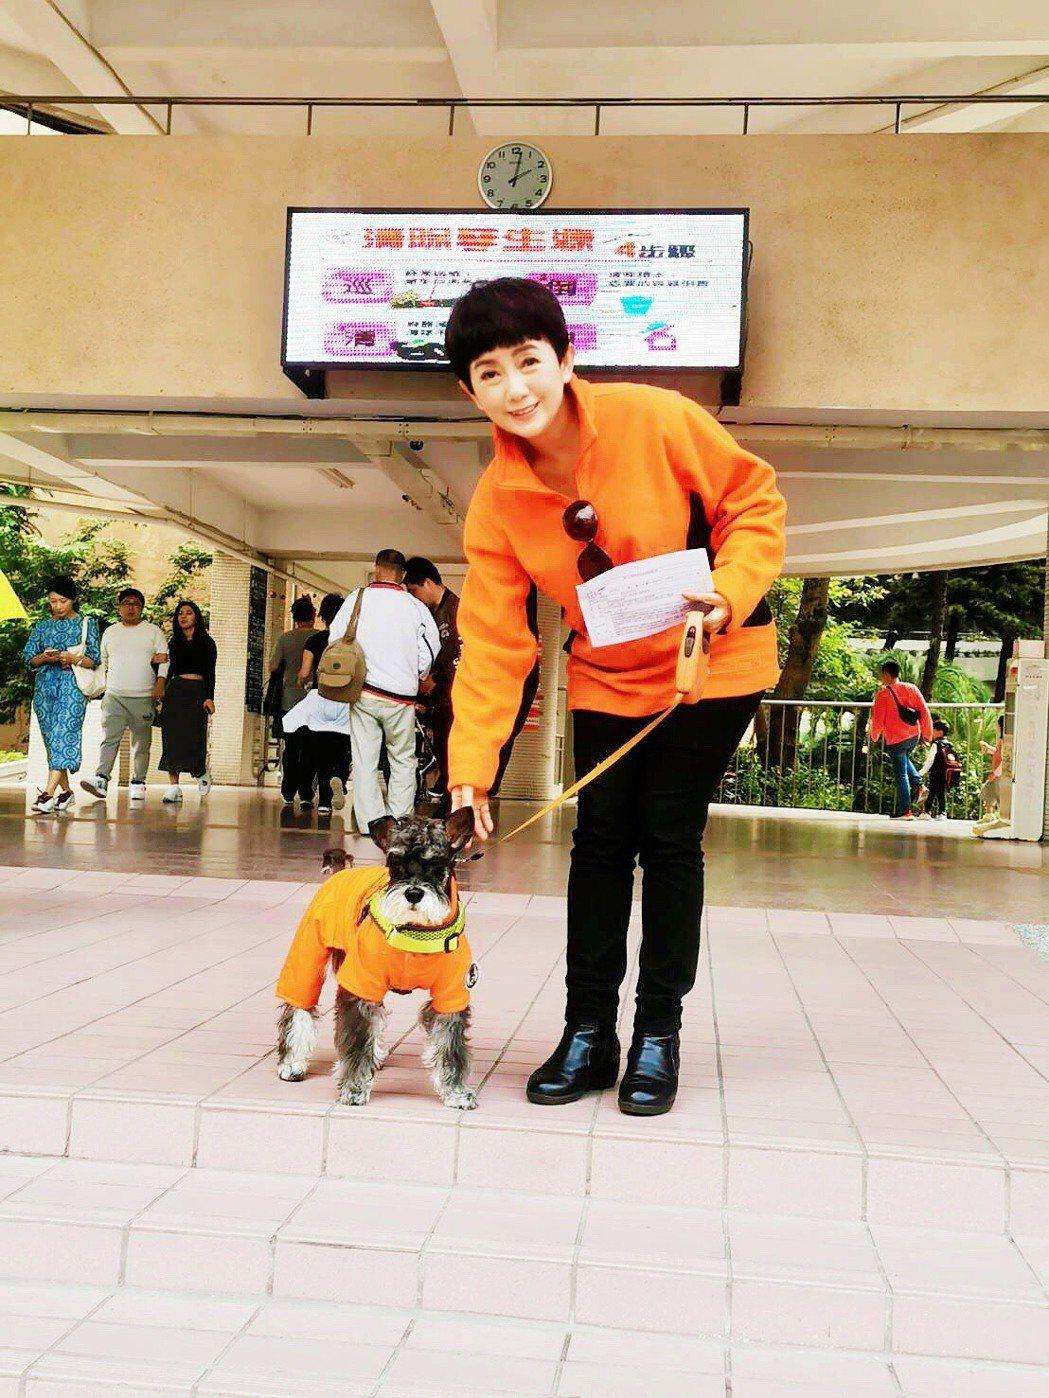 周思潔今天帶愛犬「周Lucky」一起去投票。圖/萊格悠提供